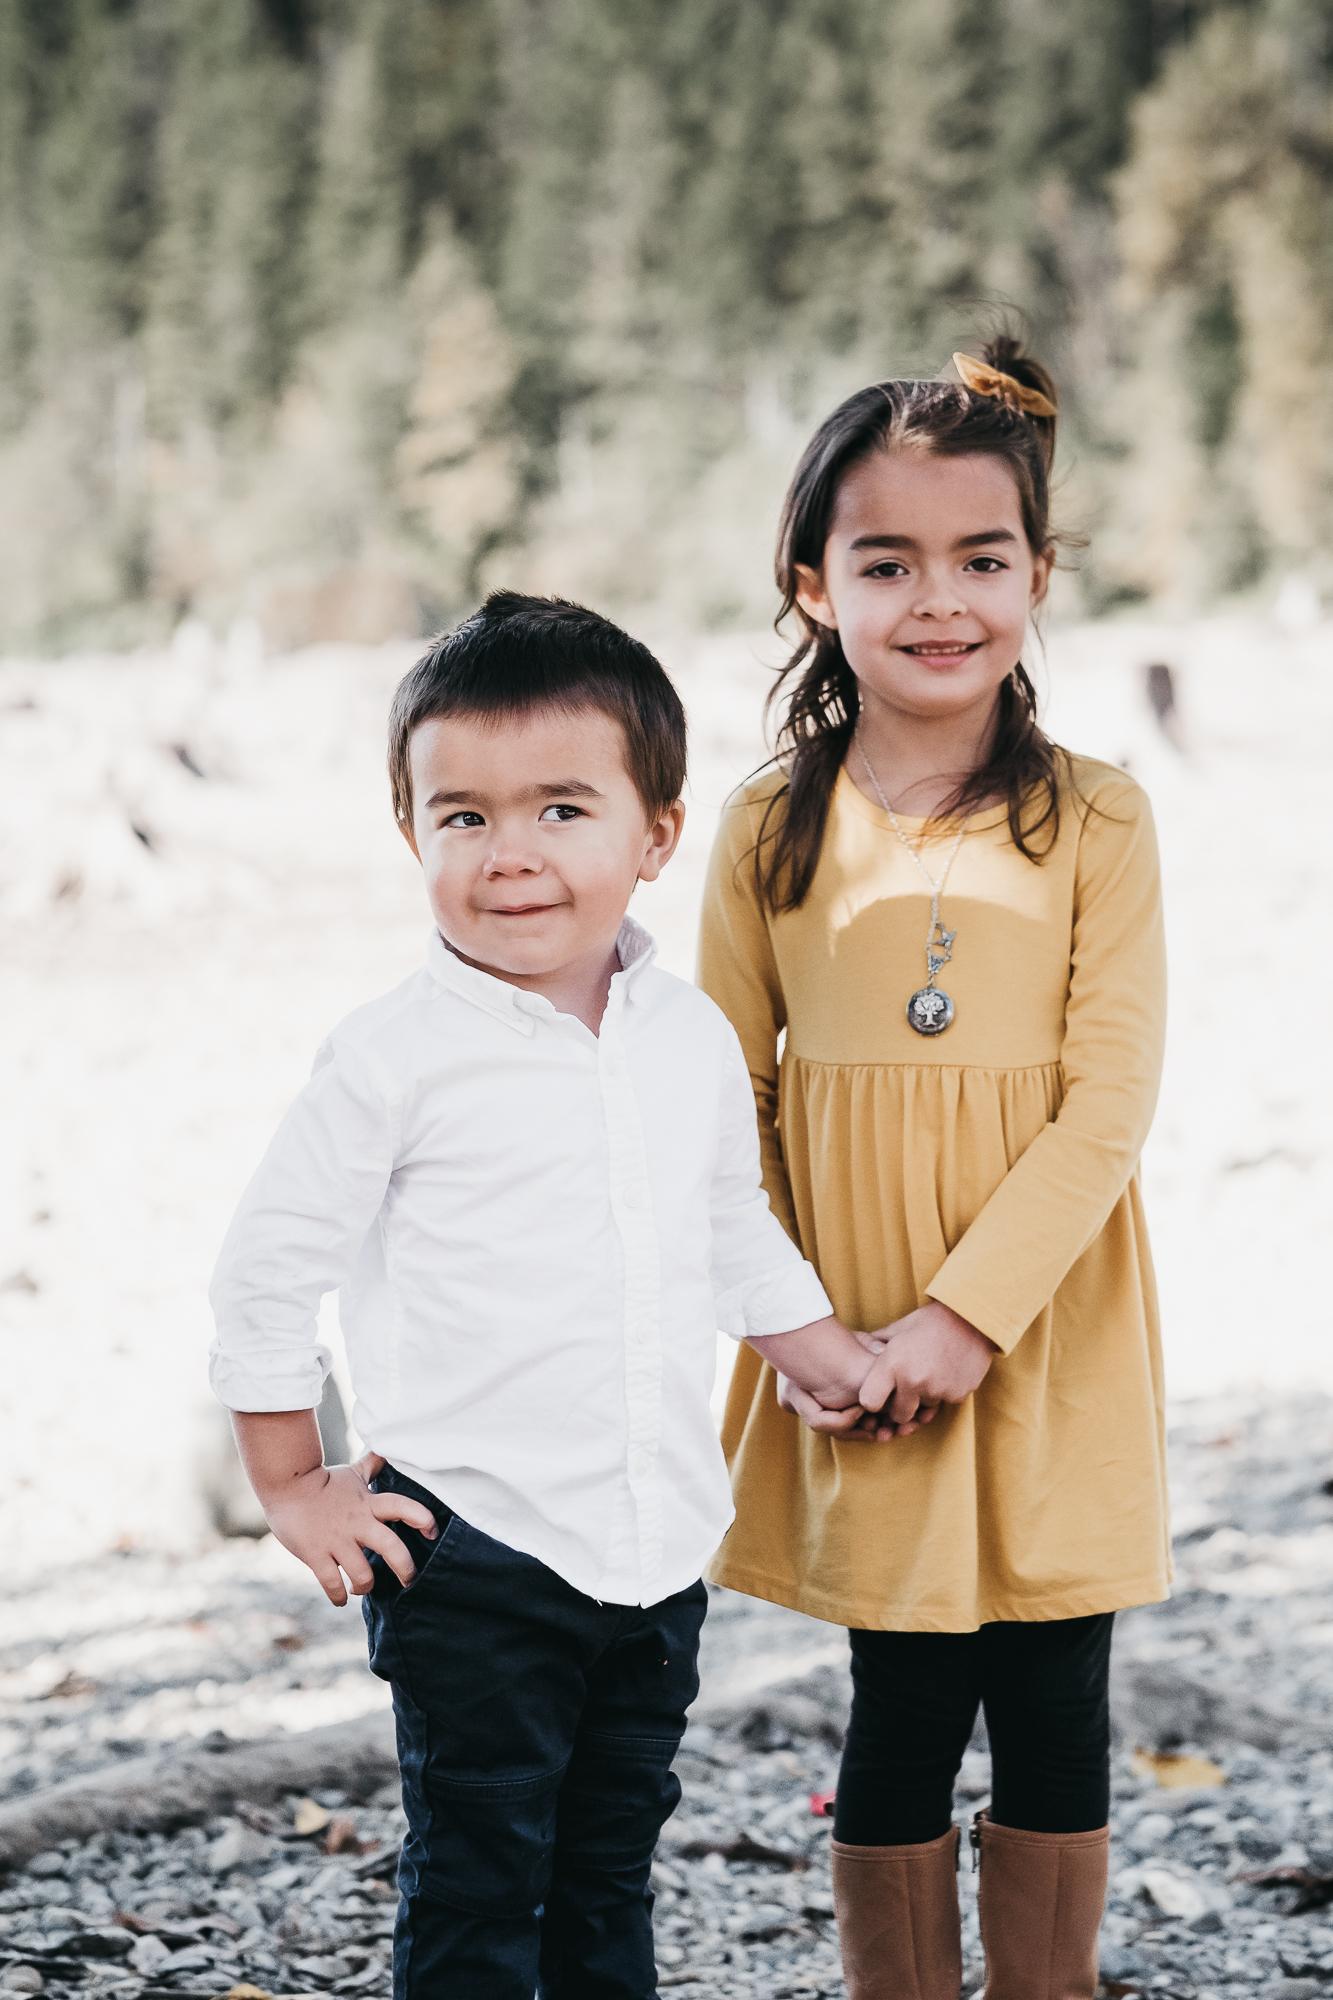 cole family photos 2018-14.jpg